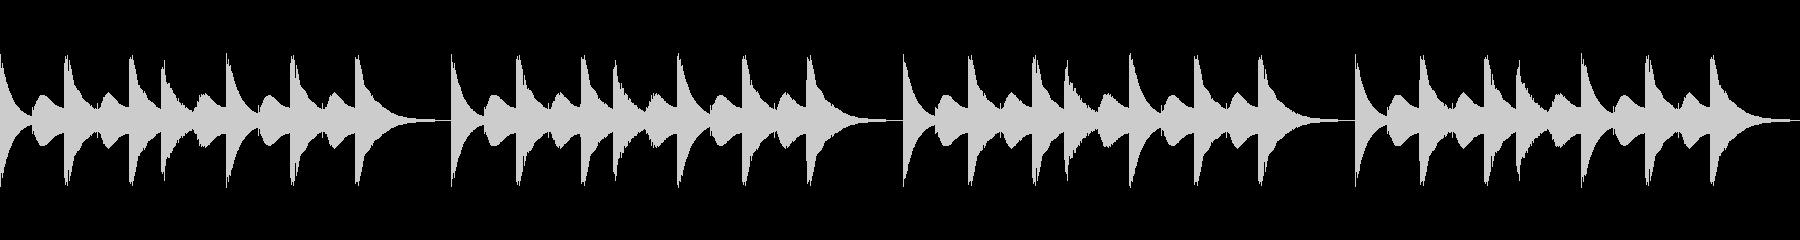 スマホ風着信音2の未再生の波形